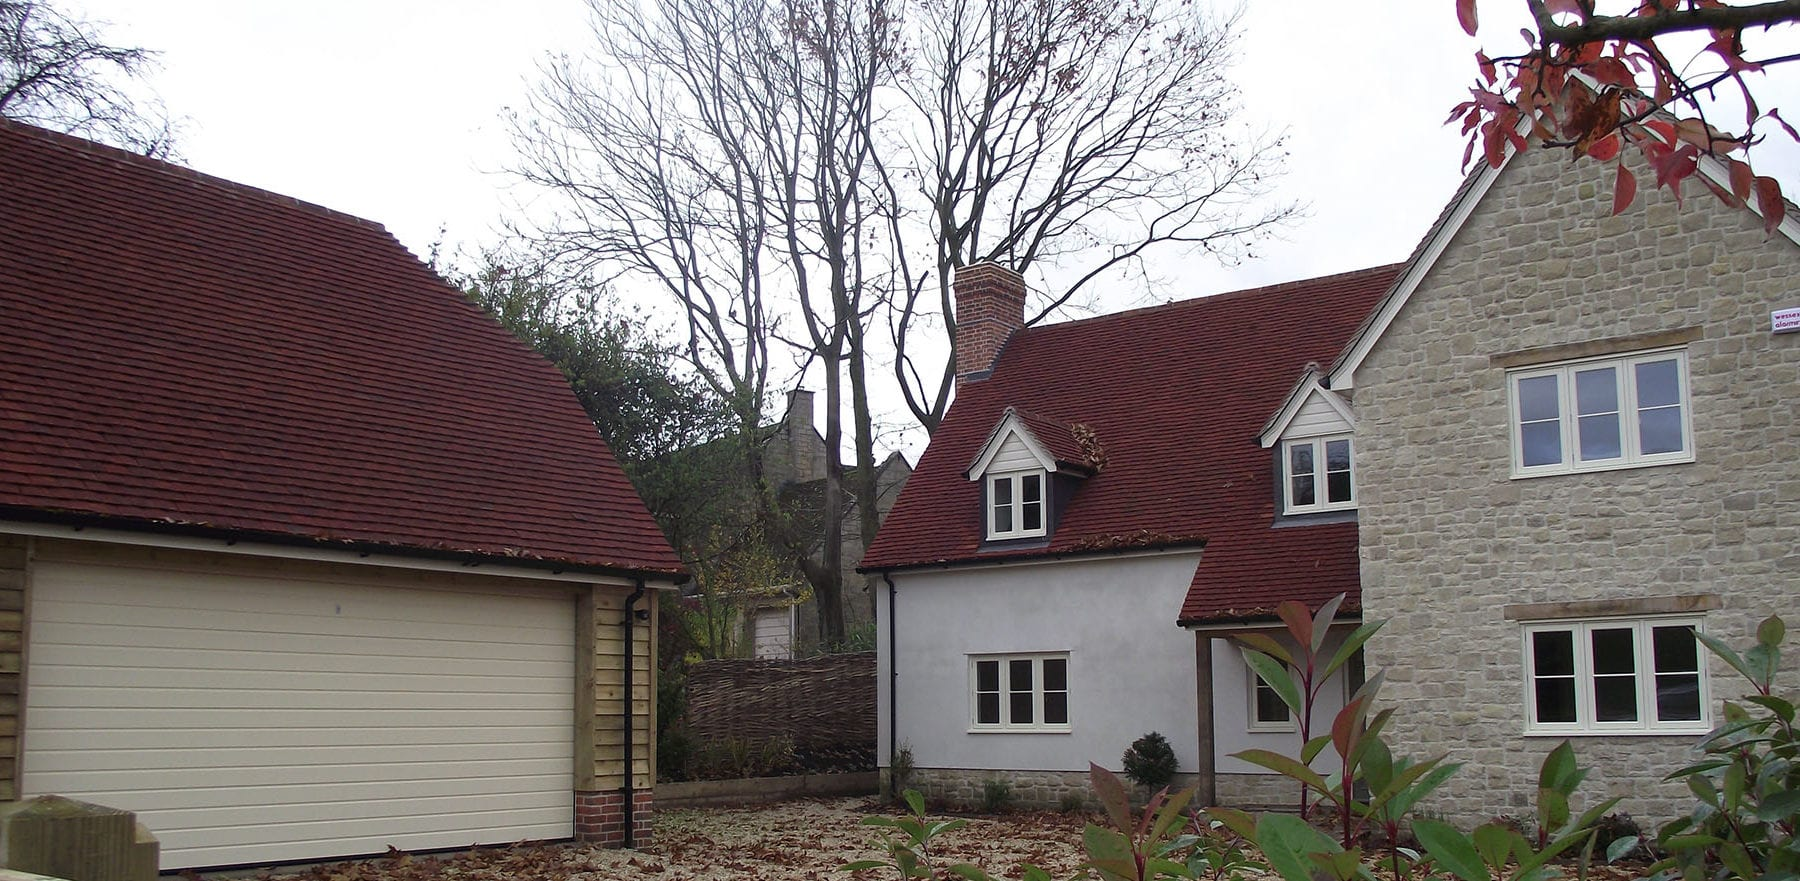 Lifestiles - Handmade Heather Clay Roof Tiles - Favant, England